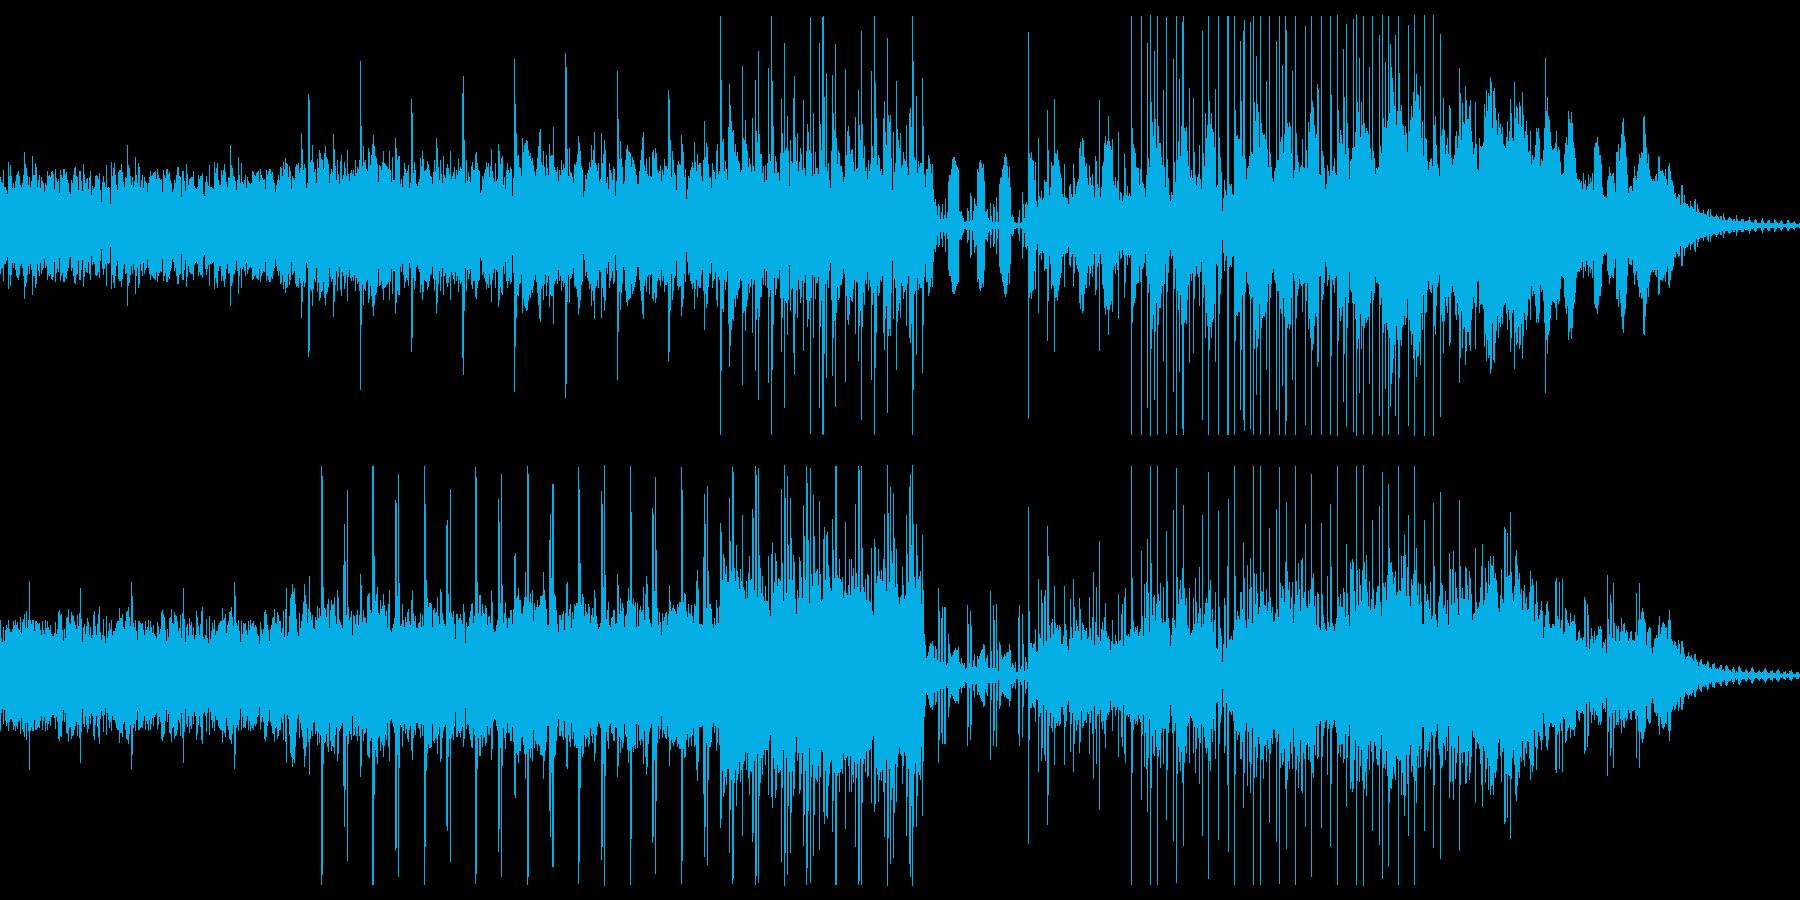 ジャズ風味の大人のエレクトロミュージックの再生済みの波形